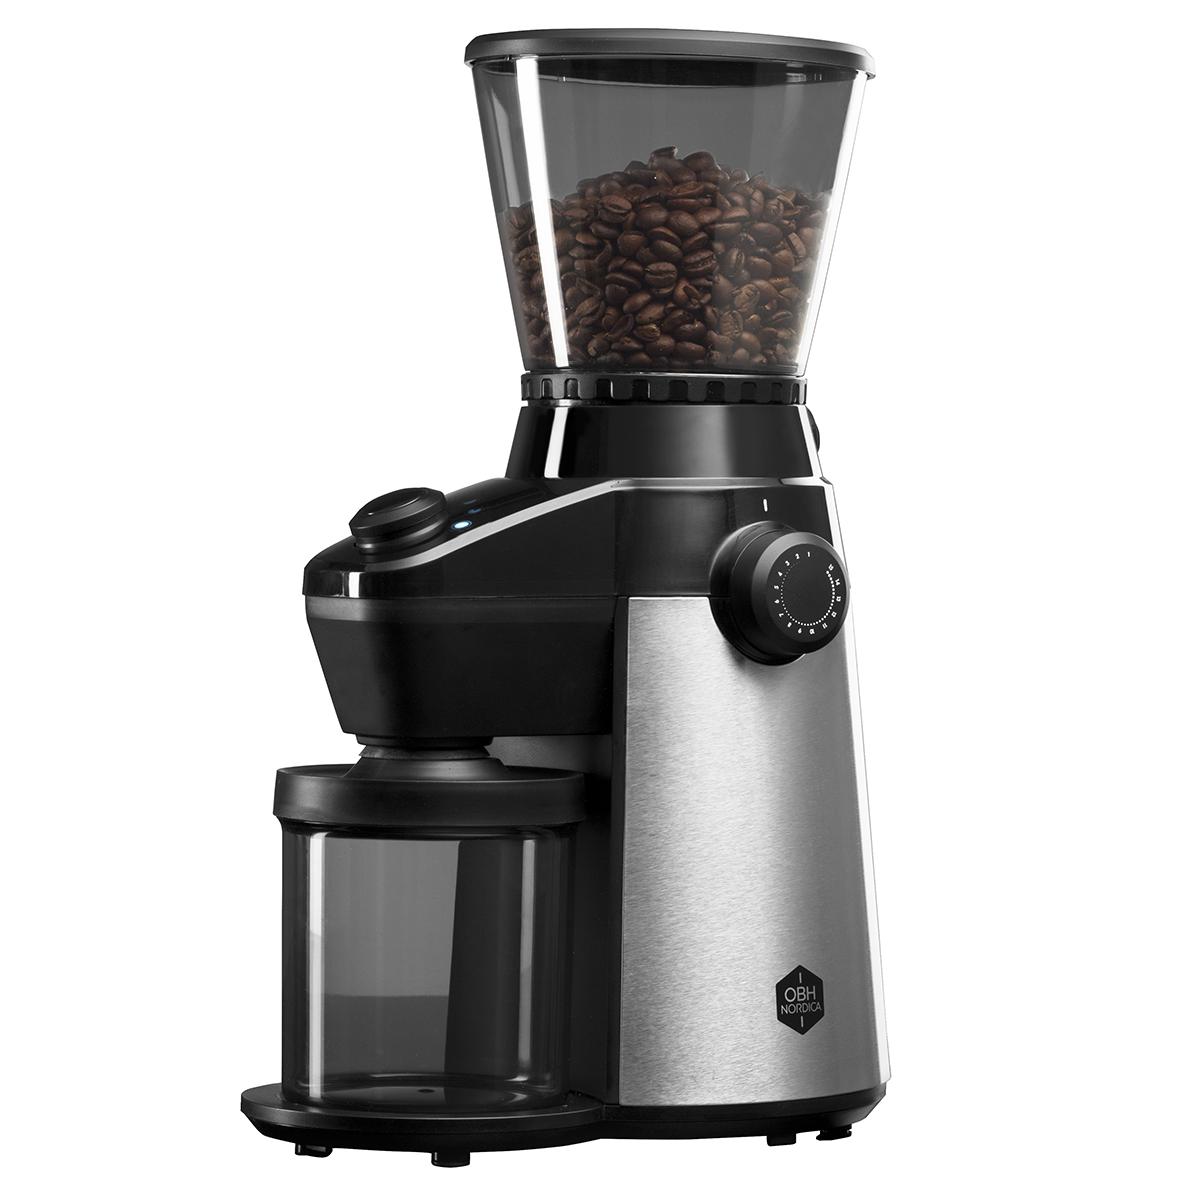 Billede af OBH Nordica kaffekværn - Conical Precision